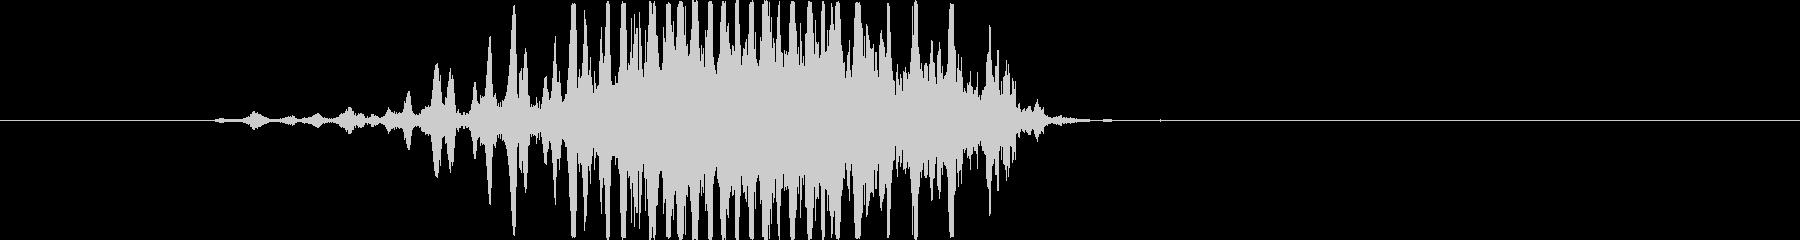 BLEEPSWEEP VERSION 4の未再生の波形